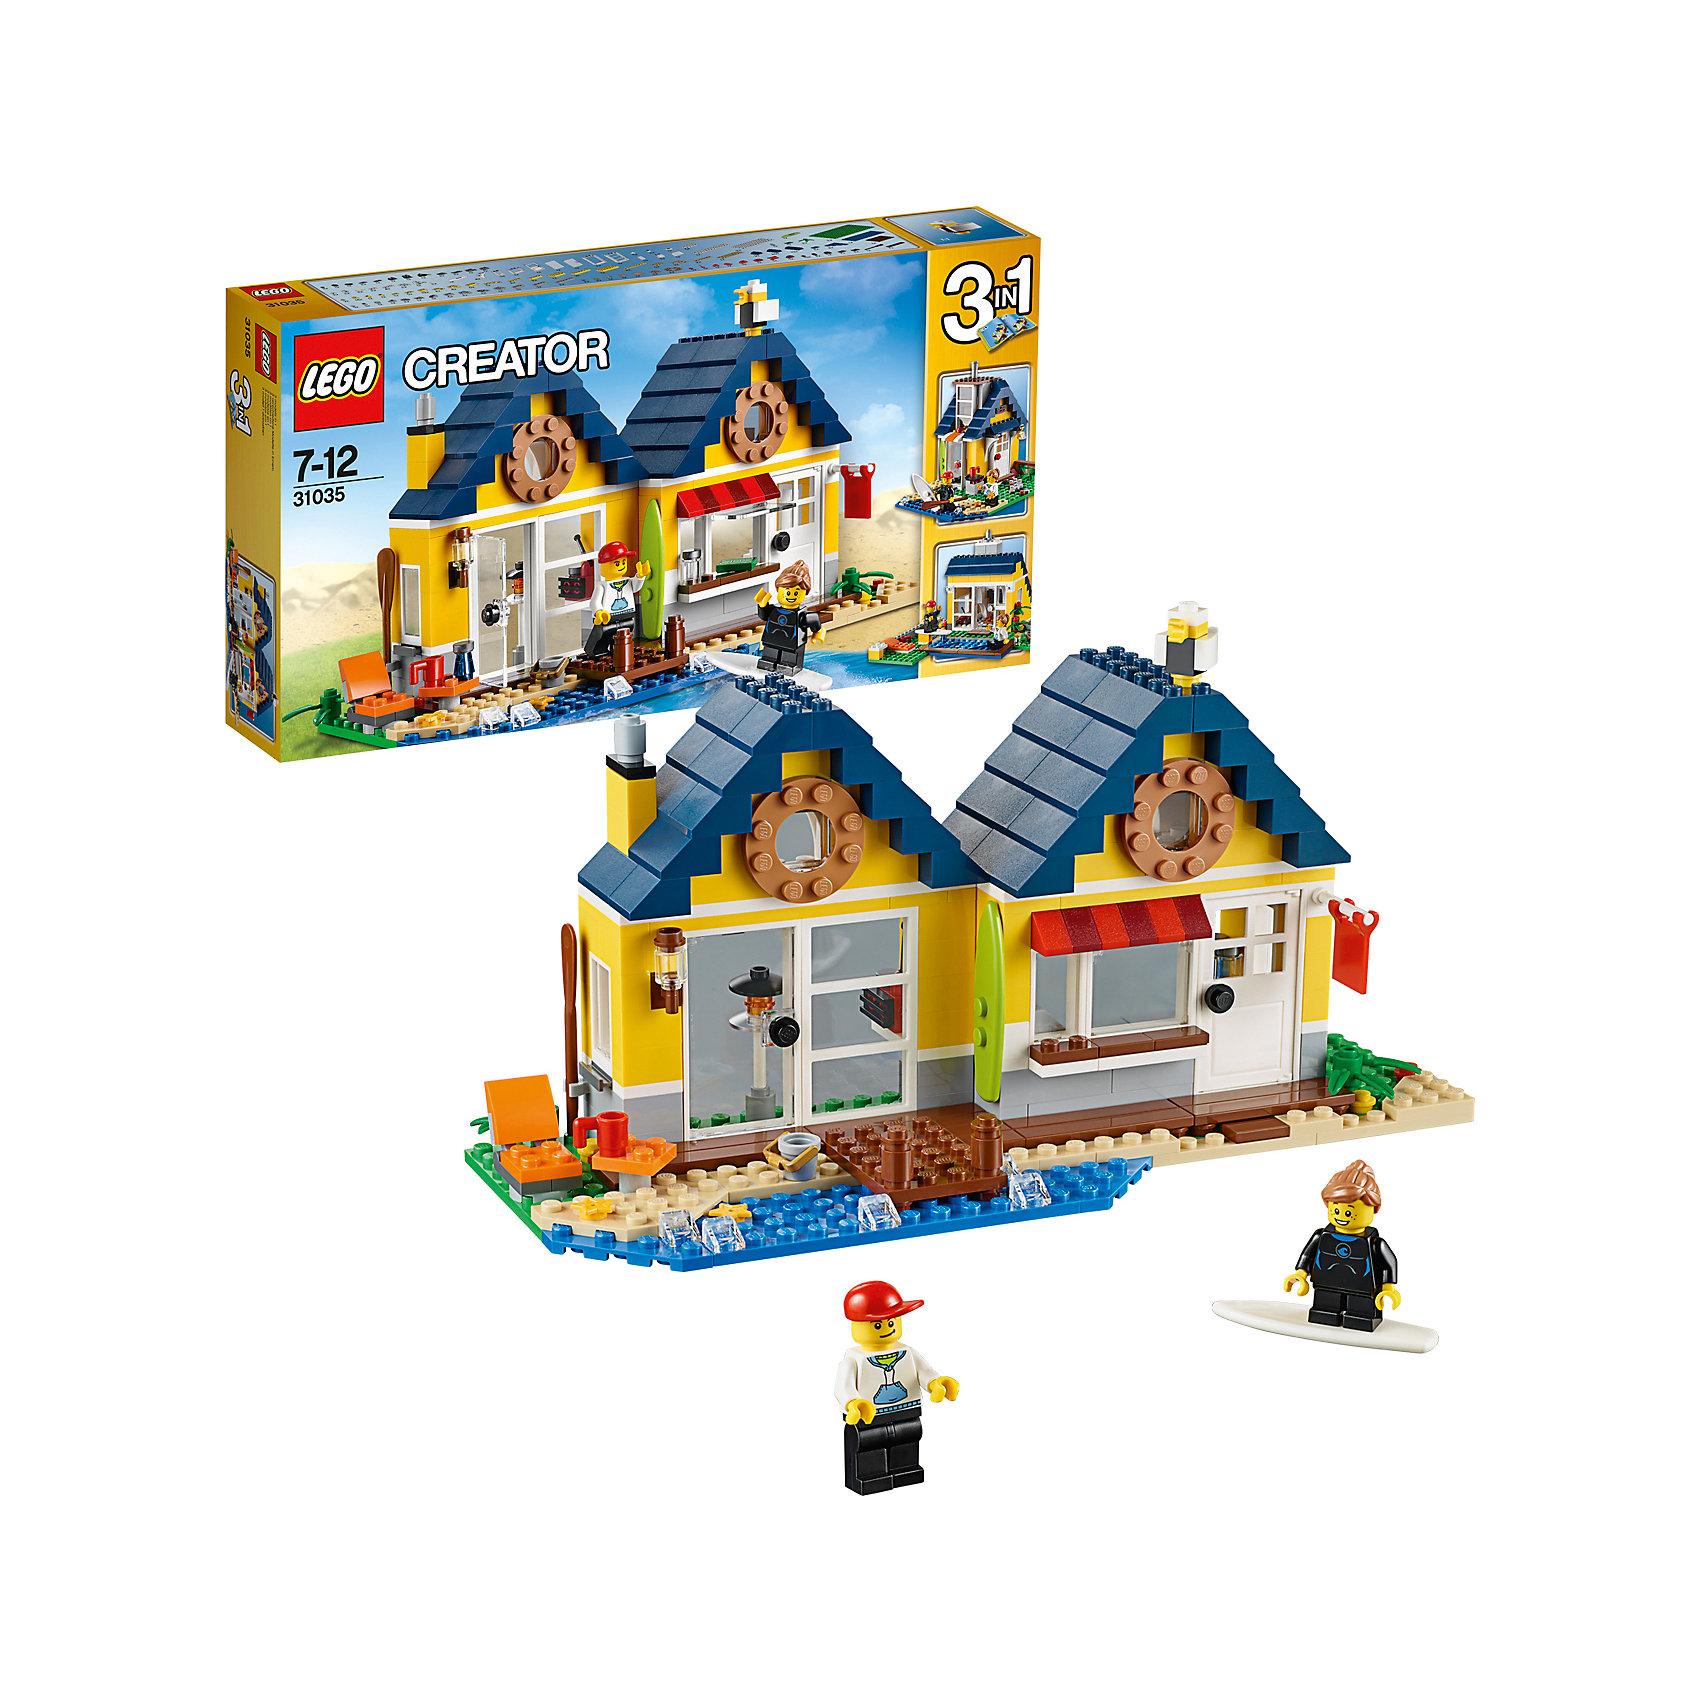 LEGO Creator 31035: Домик на пляжеПластмассовые конструкторы<br>LEGO Creator (ЛЕГО Криэйтор) 31035: Домик на пляже – это мечта любого серфингиста, ведь в нем есть все необходимое для отличного отдыха и занятий спортом. Изучив подробную схему, малыш сможет собрать домик на 2 комнаты, каждая из которых имеет свой вход и интерьер. Внешние стены выкрашены в желтый цвет, а крыша выложена синей черепицей. Перед входом находится песчаный пляж и деревянный пирс, ведущий в море. На пляже можно установить столик с напитками и шезлонг. На стенах дома располагаются крепления для фонаря, весла и досок для серфинга. Немного фантазии и смекалки, и уютный домик способен трансформироваться в настоящий магазин спортивного инвентаря или летнюю хижину с бассейном.<br><br>С помощью конструкторов серии ЛЕГО Криэйтор малыш учится собственными руками создавать что-то новое, познает устройство окружающей действительности, развивает мышление и творческие навыки. Особенность этой серии в том, что у одного набора существует 3 готовых варианта сборки. Но также ребенок может проявлять собственную фантазию и собирать то, что ему захочется. В серию входят стандартные кубики, из которых можно собрать дома, автомобили и многое другое. Все выпускаемые конструкторы ЛЕГО Криэйтор  взаимозаменяемы, поэтому детали от любого набора прекрасно подойдут к уже имеющемуся конструктору.<br><br>Дополнительная информация:<br>-Количество деталей: 286 шт.<br>-Размер упаковки: 35,4x19,1x5,9 см<br>-Размеры домика: 13 х 10 х 26 см<br>-Размеры магазина: 24 х 13 х 16 см<br>-Размеры хижины с бассейном: 12 х 20 х 19 см<br>-Вес: 0,59 кг<br>-Материал: пластик<br><br>LEGO Creator (ЛЕГО Криэйтор) 31035: Домик на пляже можно купить в нашем магазине.<br><br>Ширина мм: 355<br>Глубина мм: 190<br>Высота мм: 60<br>Вес г: 576<br>Возраст от месяцев: 84<br>Возраст до месяцев: 144<br>Пол: Унисекс<br>Возраст: Детский<br>SKU: 3786115